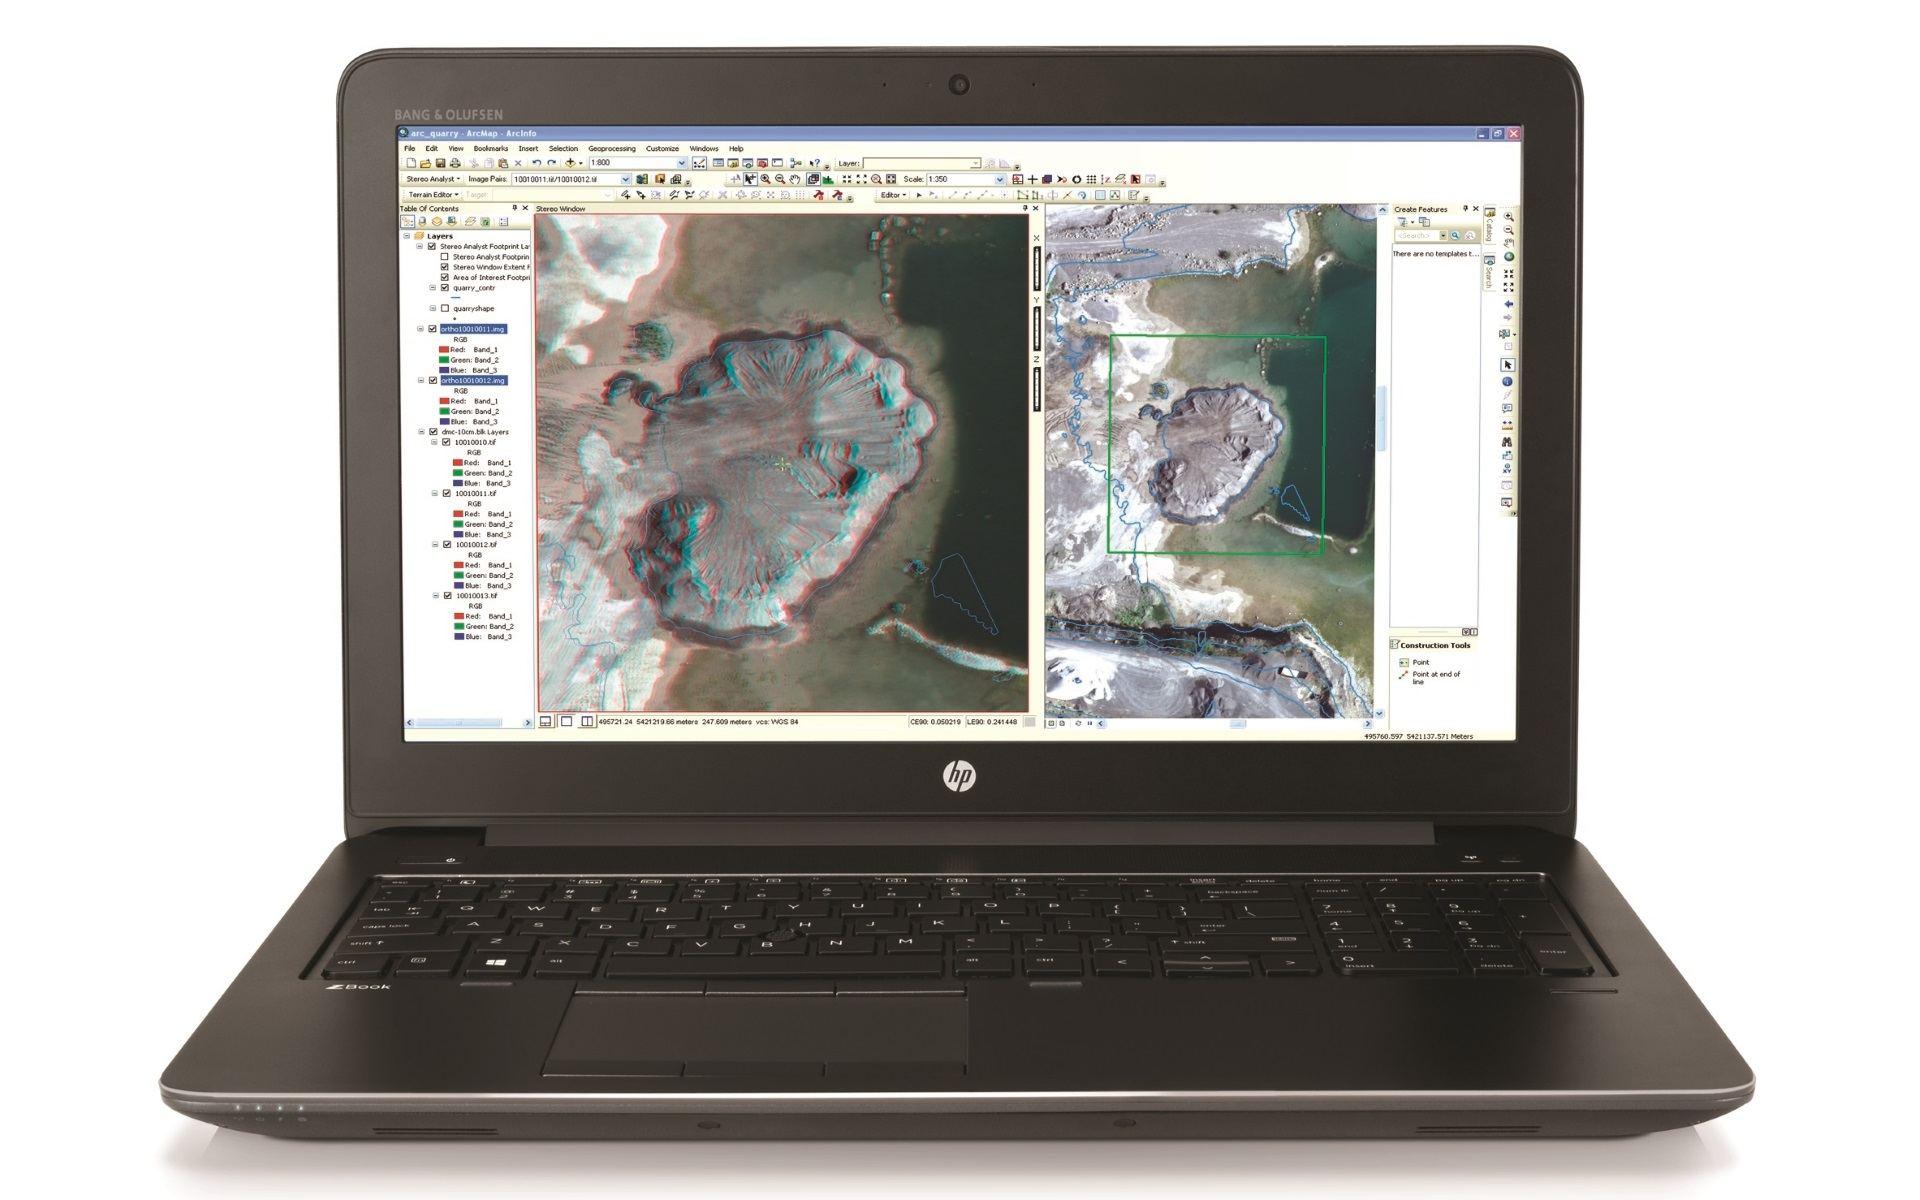 HP ZBook 15 G3 FHD/i7-6820HQ/16GB/256SSD/NV/VGA/HDMI/TB/RJ45/WFI/BT/MCR/FPR/3RServis/7+W10P